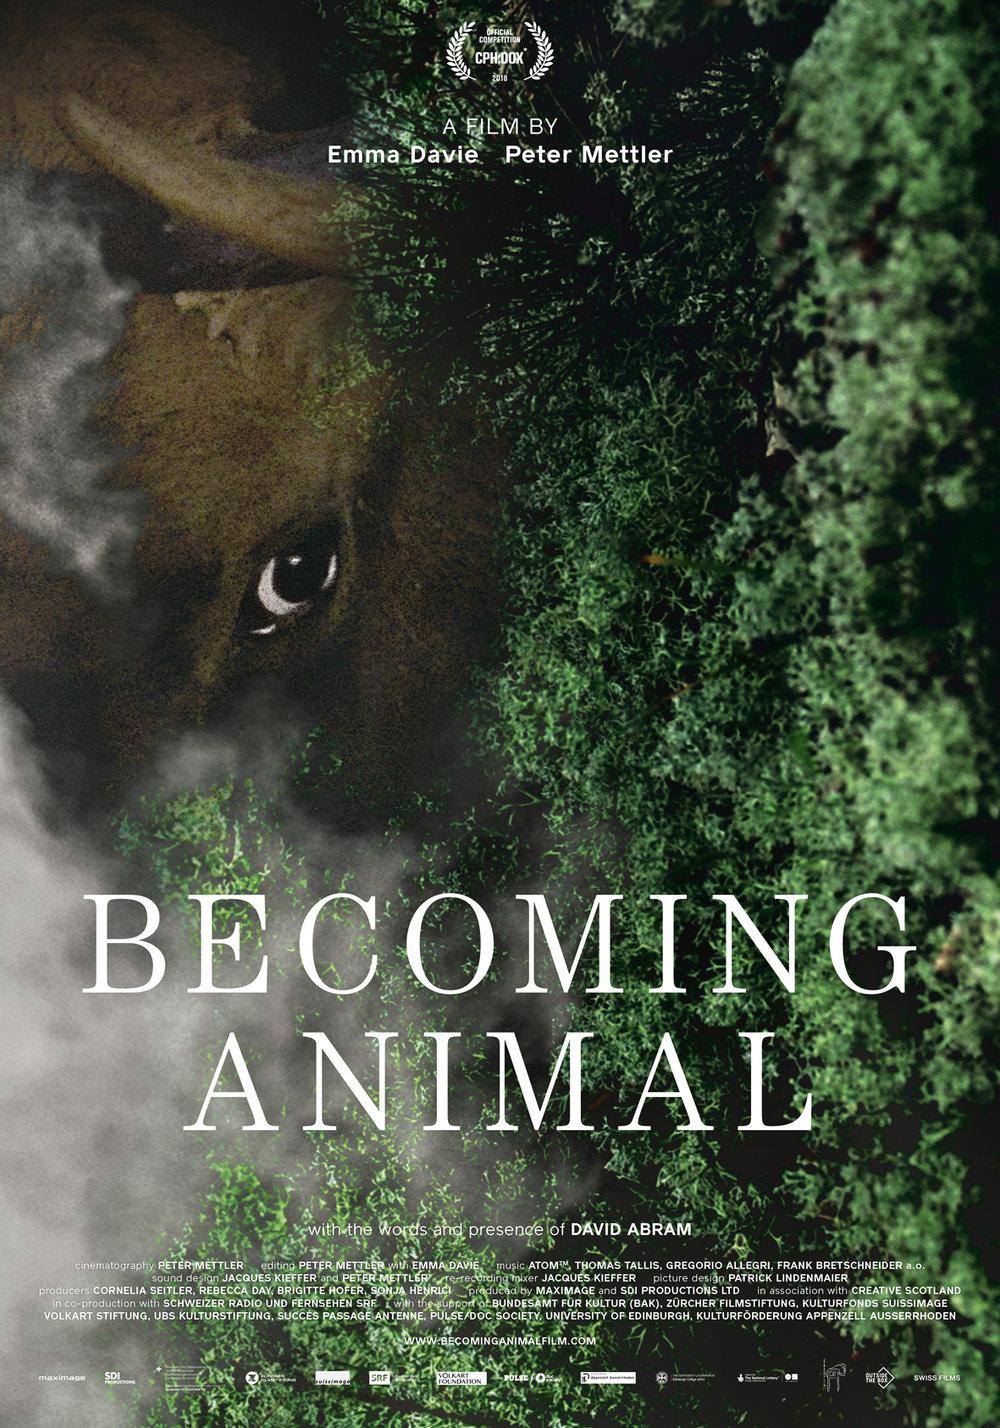 Becoming-Animal_Poster_Plot-100x70-V2-12.jpg